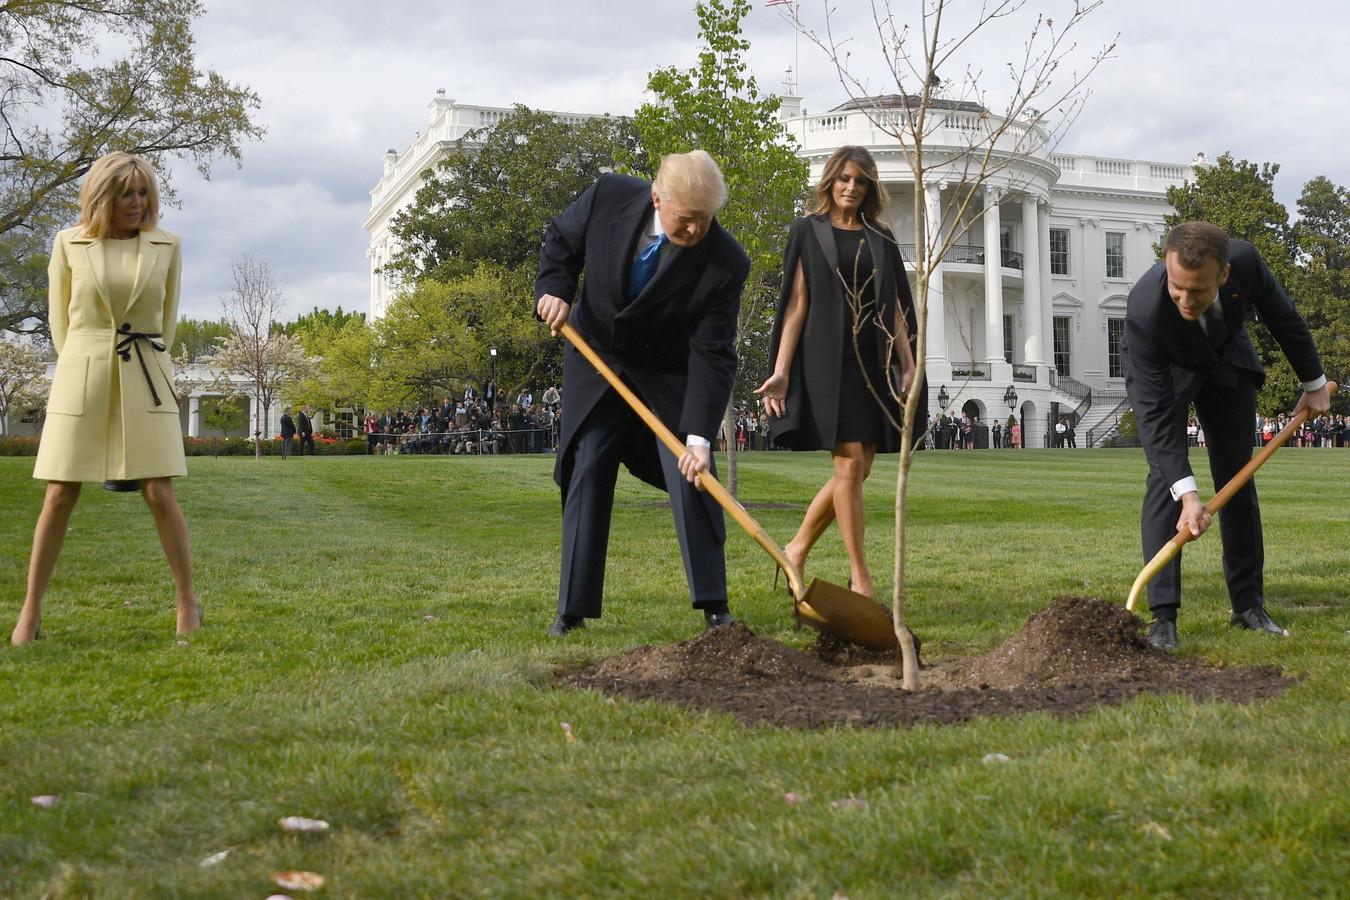 De Franse president Macron gaf in 2018 een boom cadeau, die Trump samen met hem plantte in de tuin van het Witte Huis.